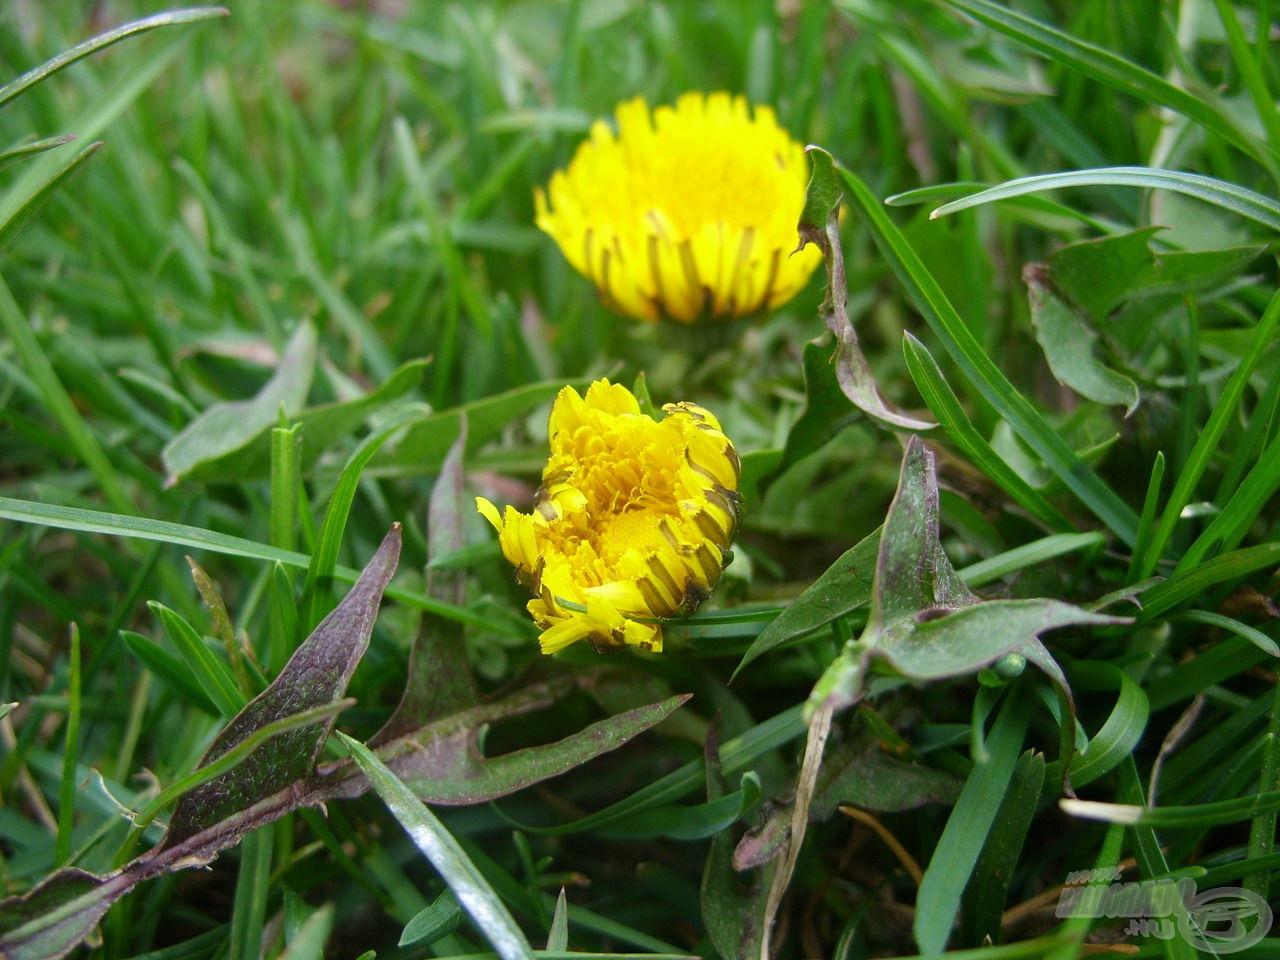 A sarjadó élet jelei már megmutatkoztak a növénytakaró apró színfoltjaiban